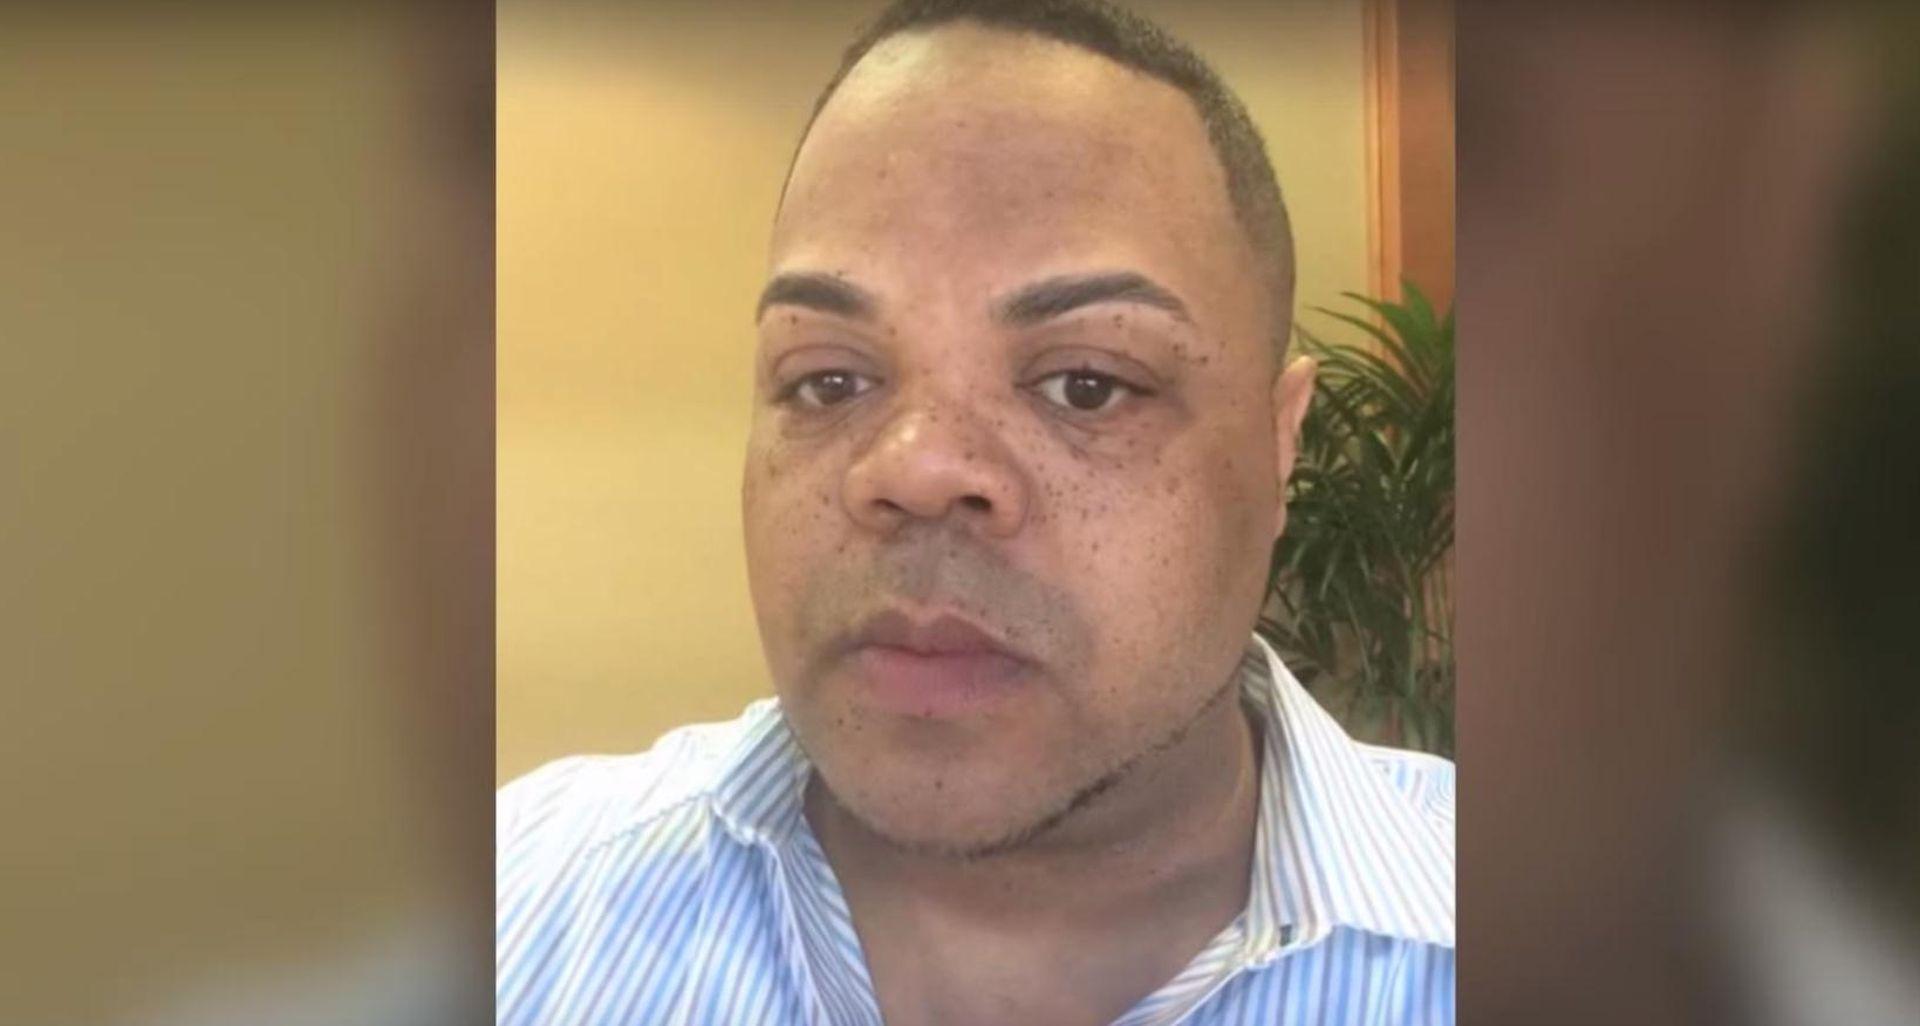 Ubojicu novinara otkrio prometni policajac 275 km od poprišta zločina